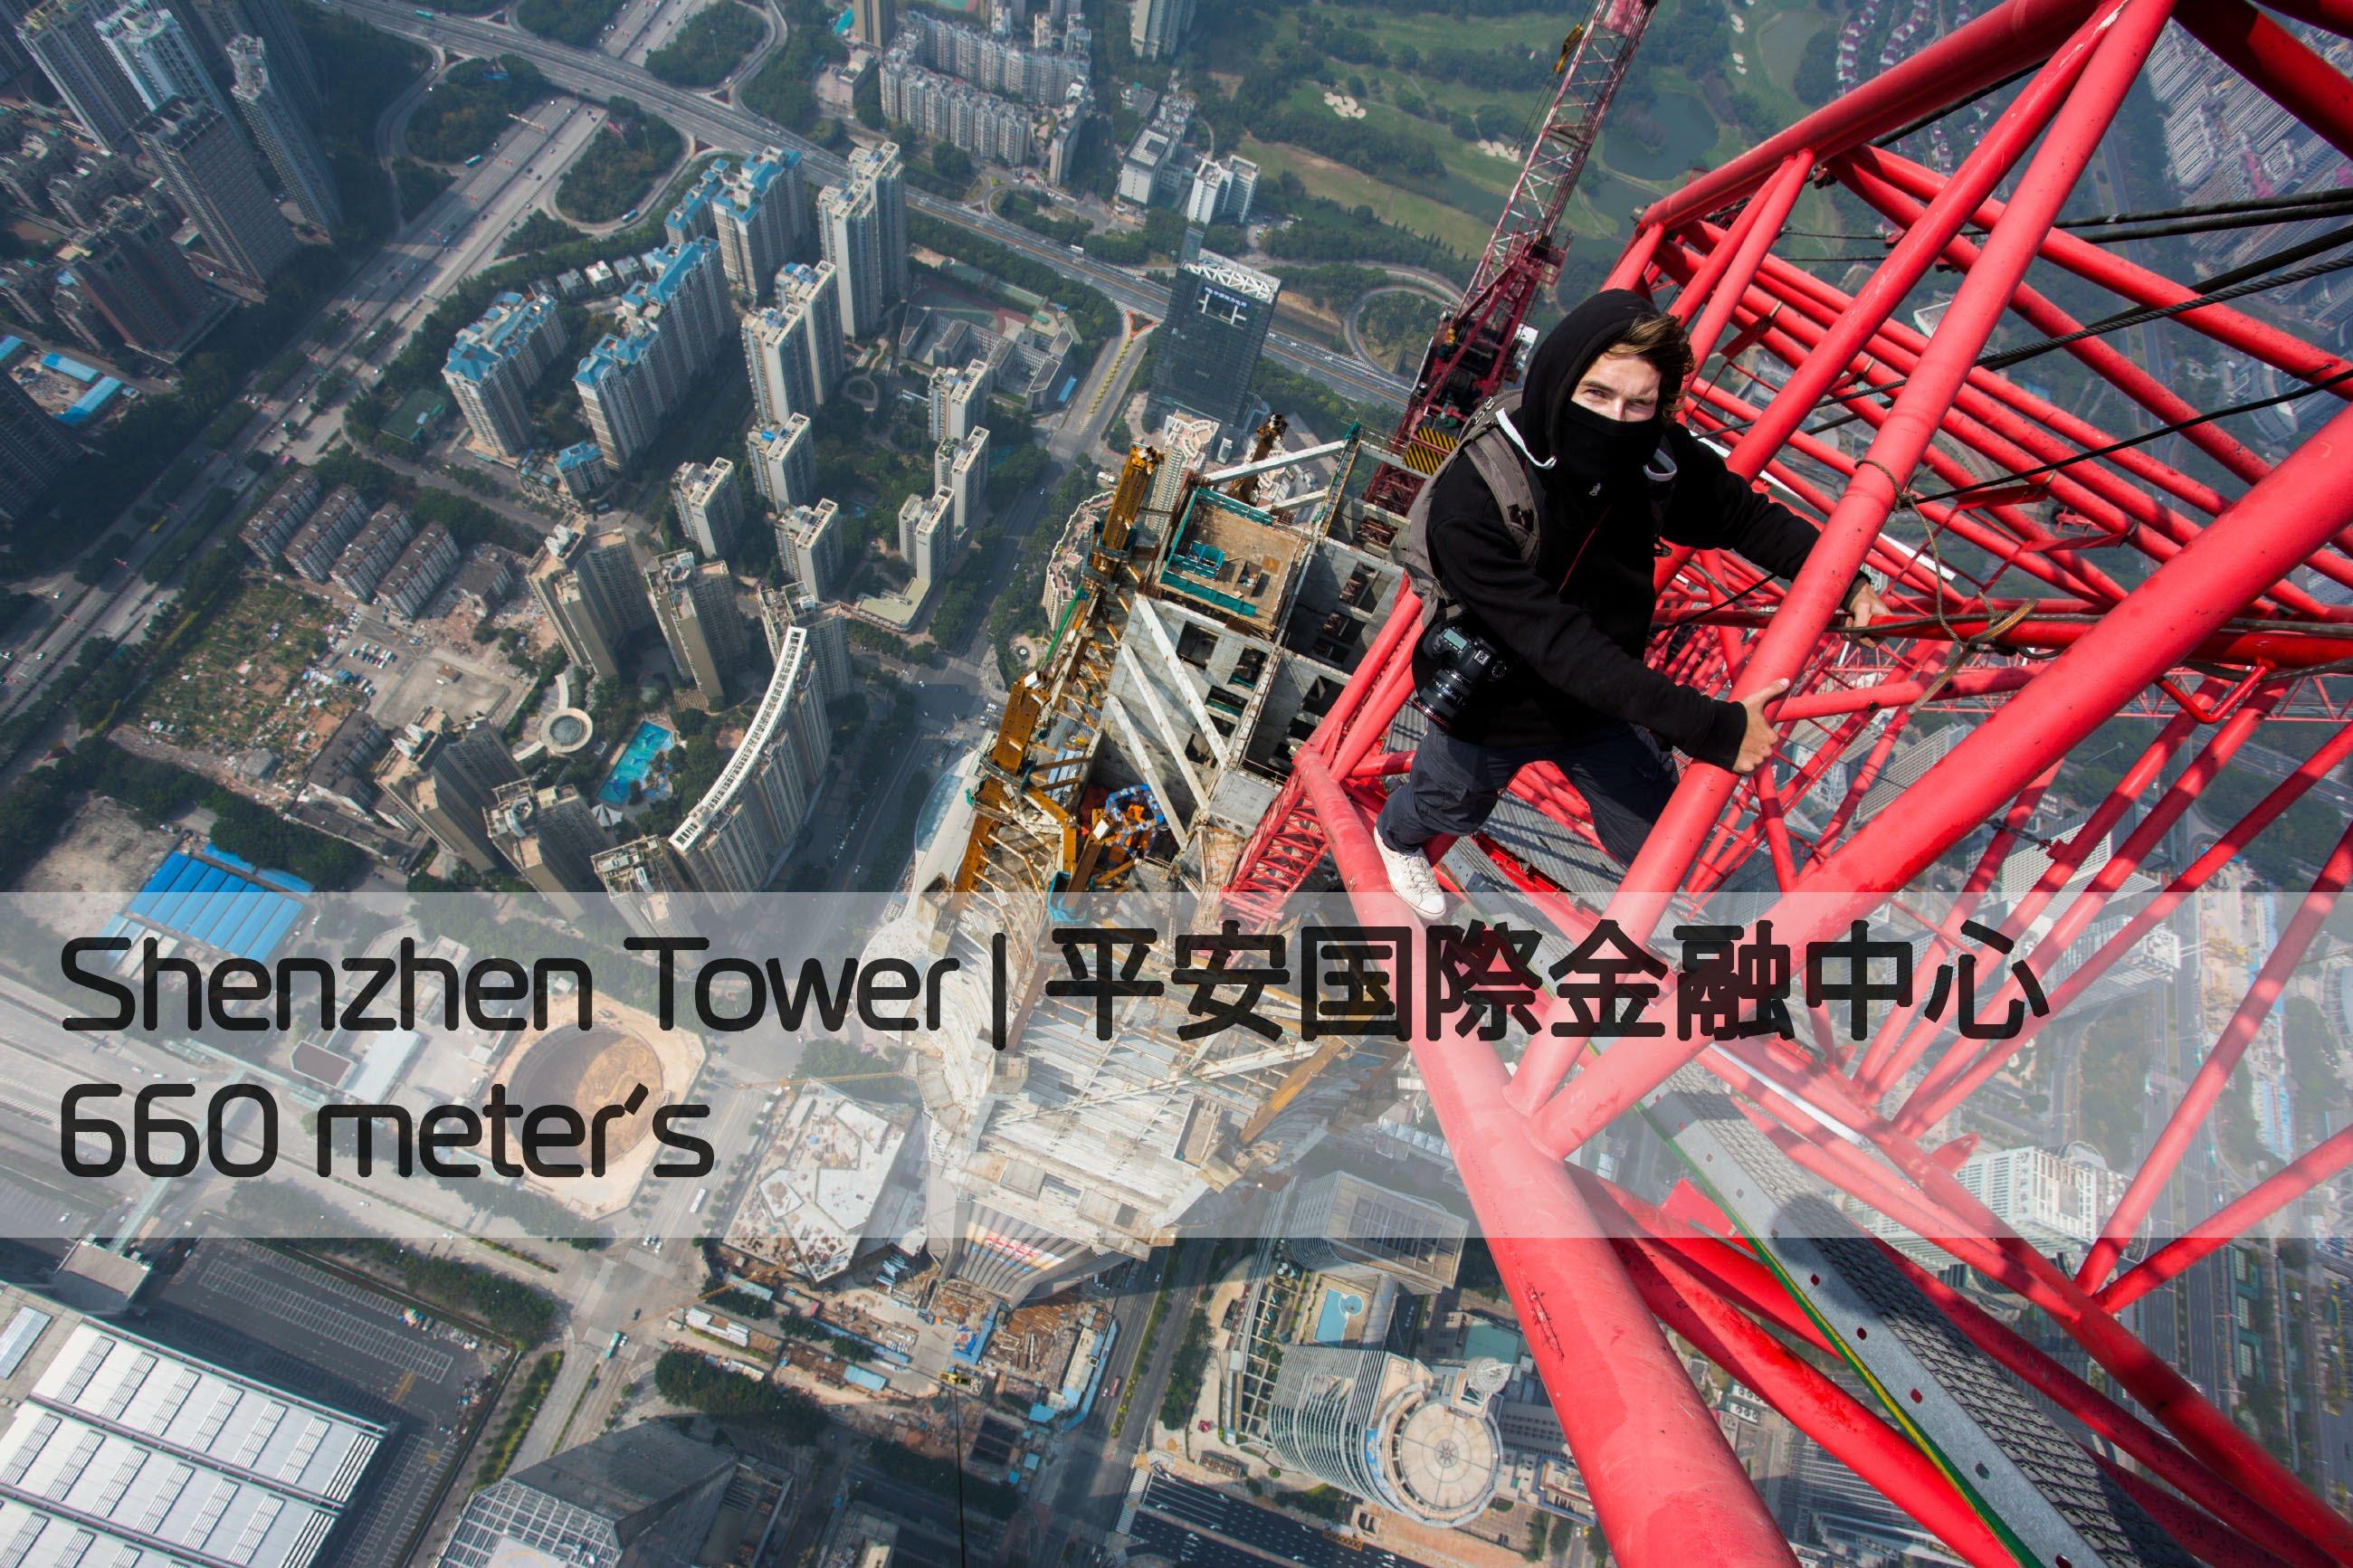 On The Roofs – Klettern auf das Shenzhen Centre [Video]